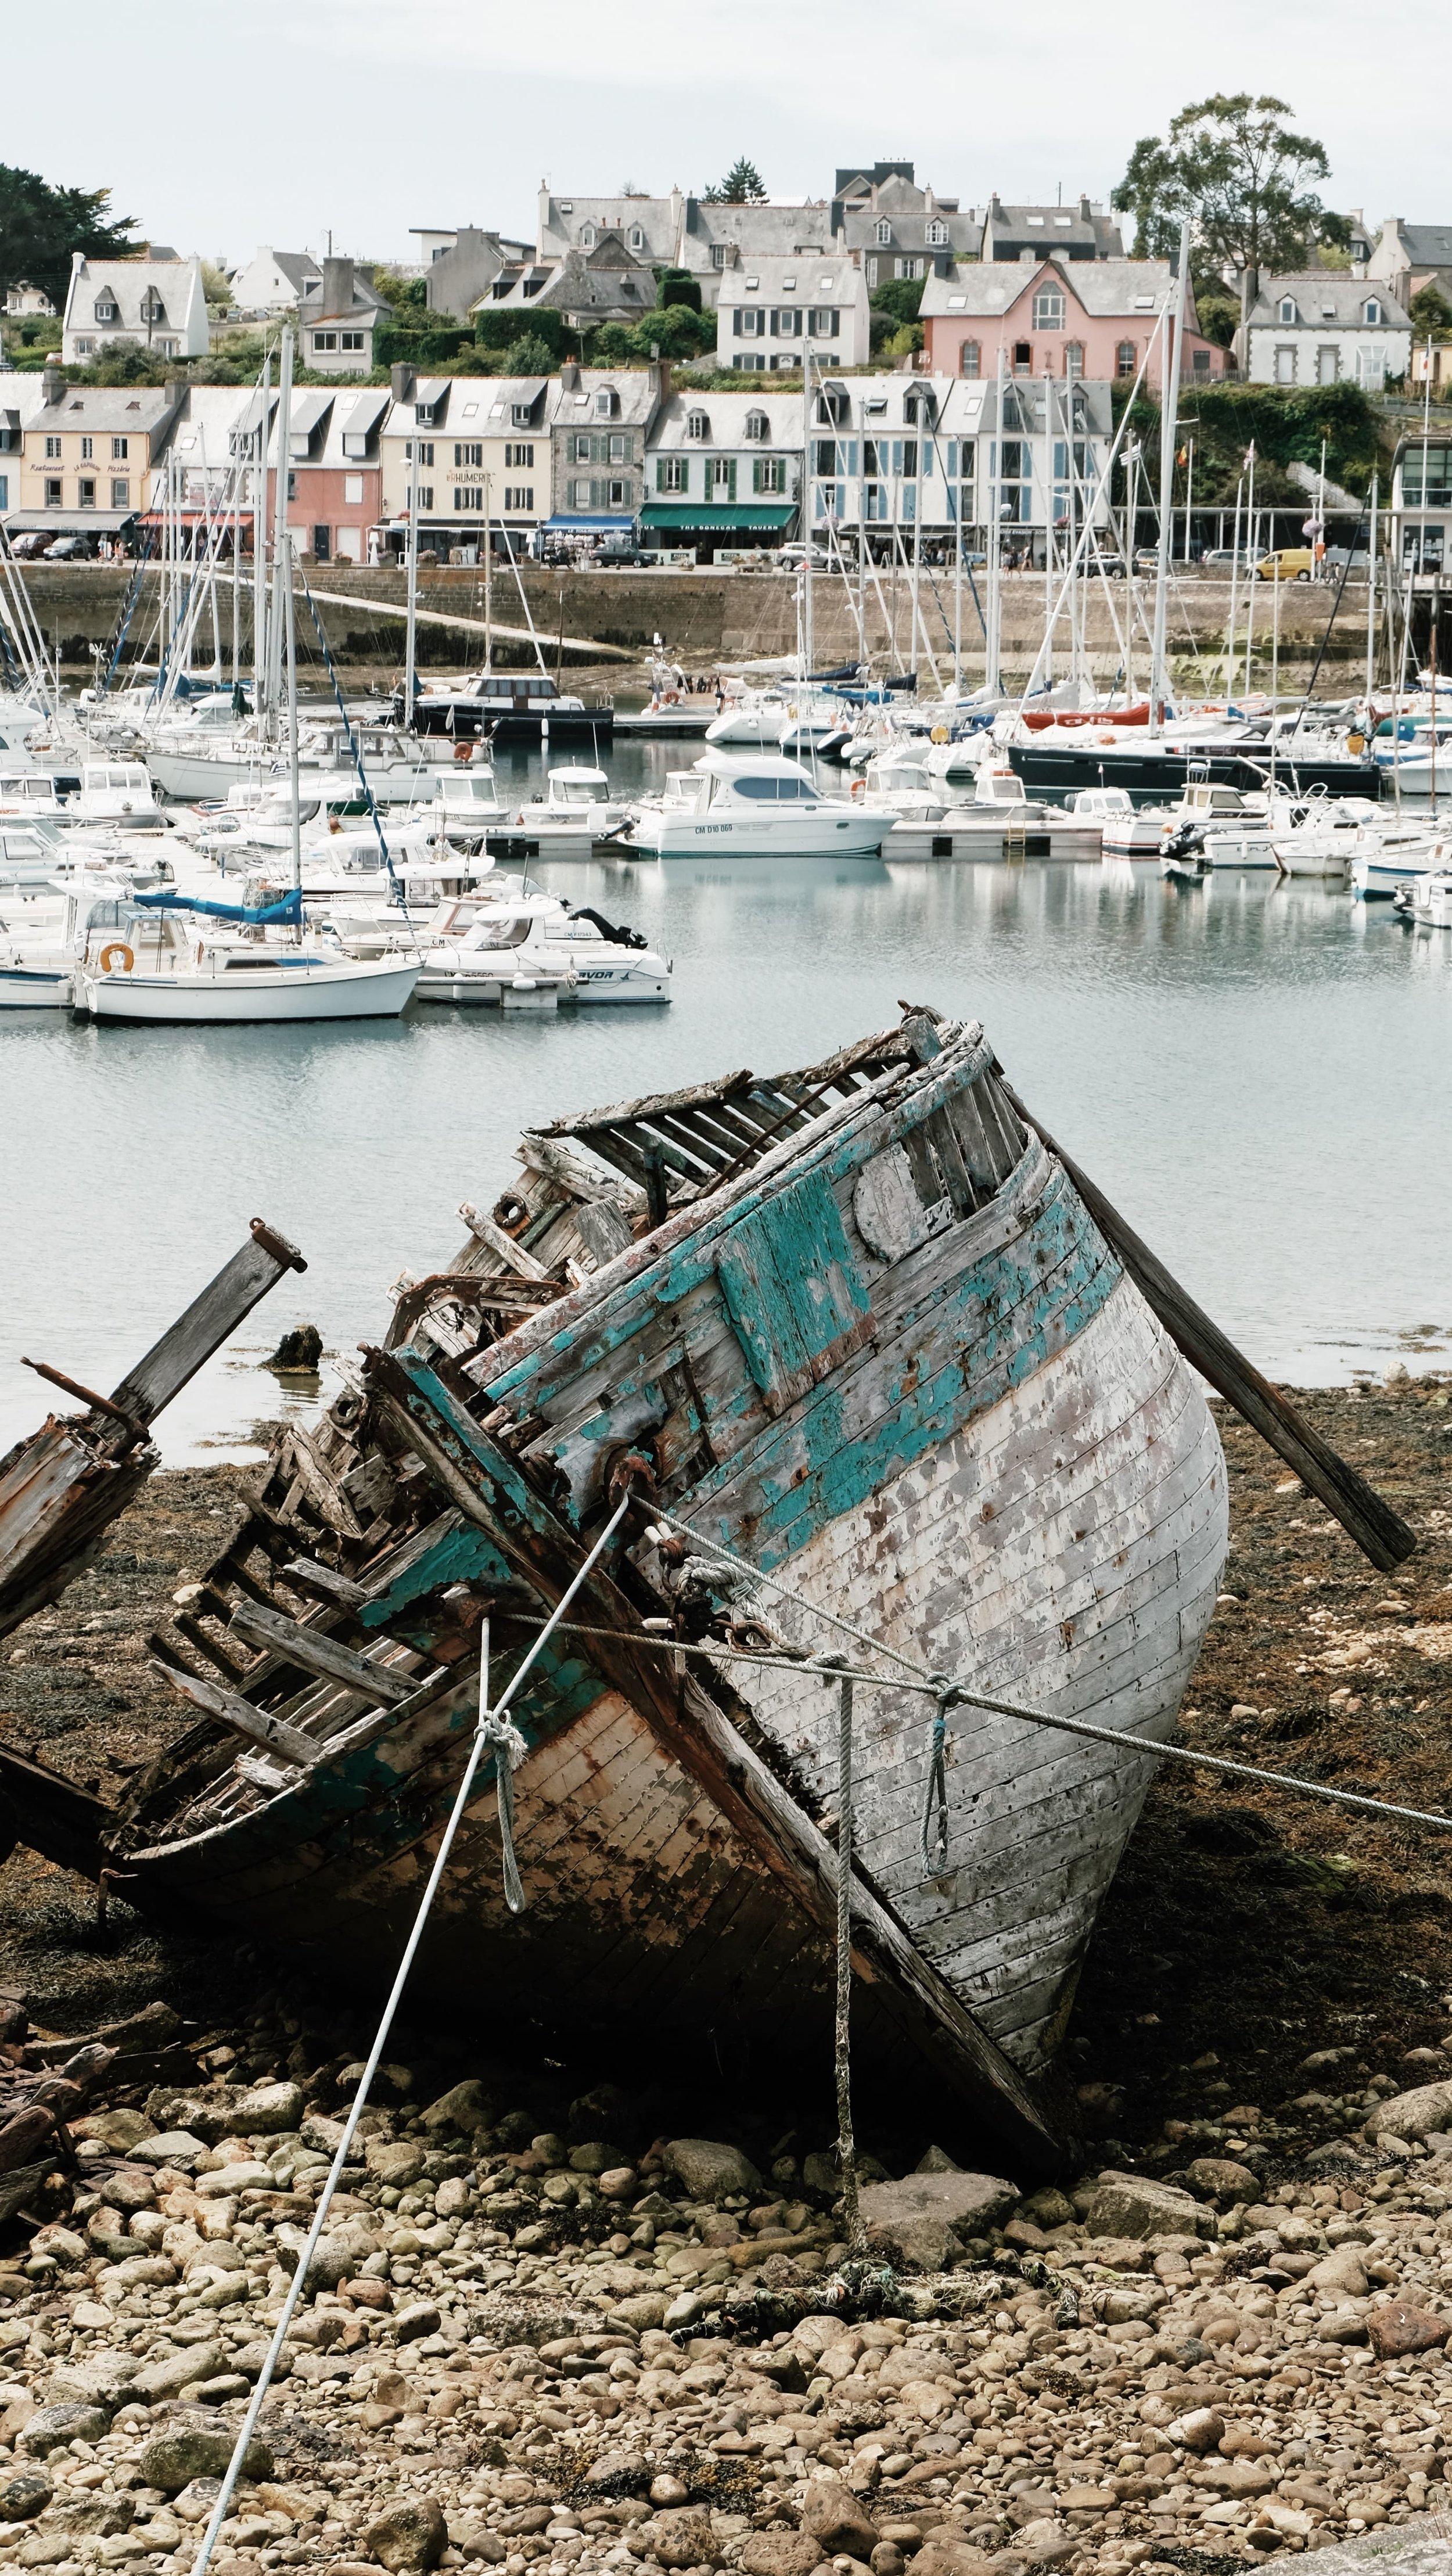 Carnet Sauvage - blog voyage Lille - visiter la Bretagne - presqu'ile de Crozon - Camaret sur mer 1.jpg